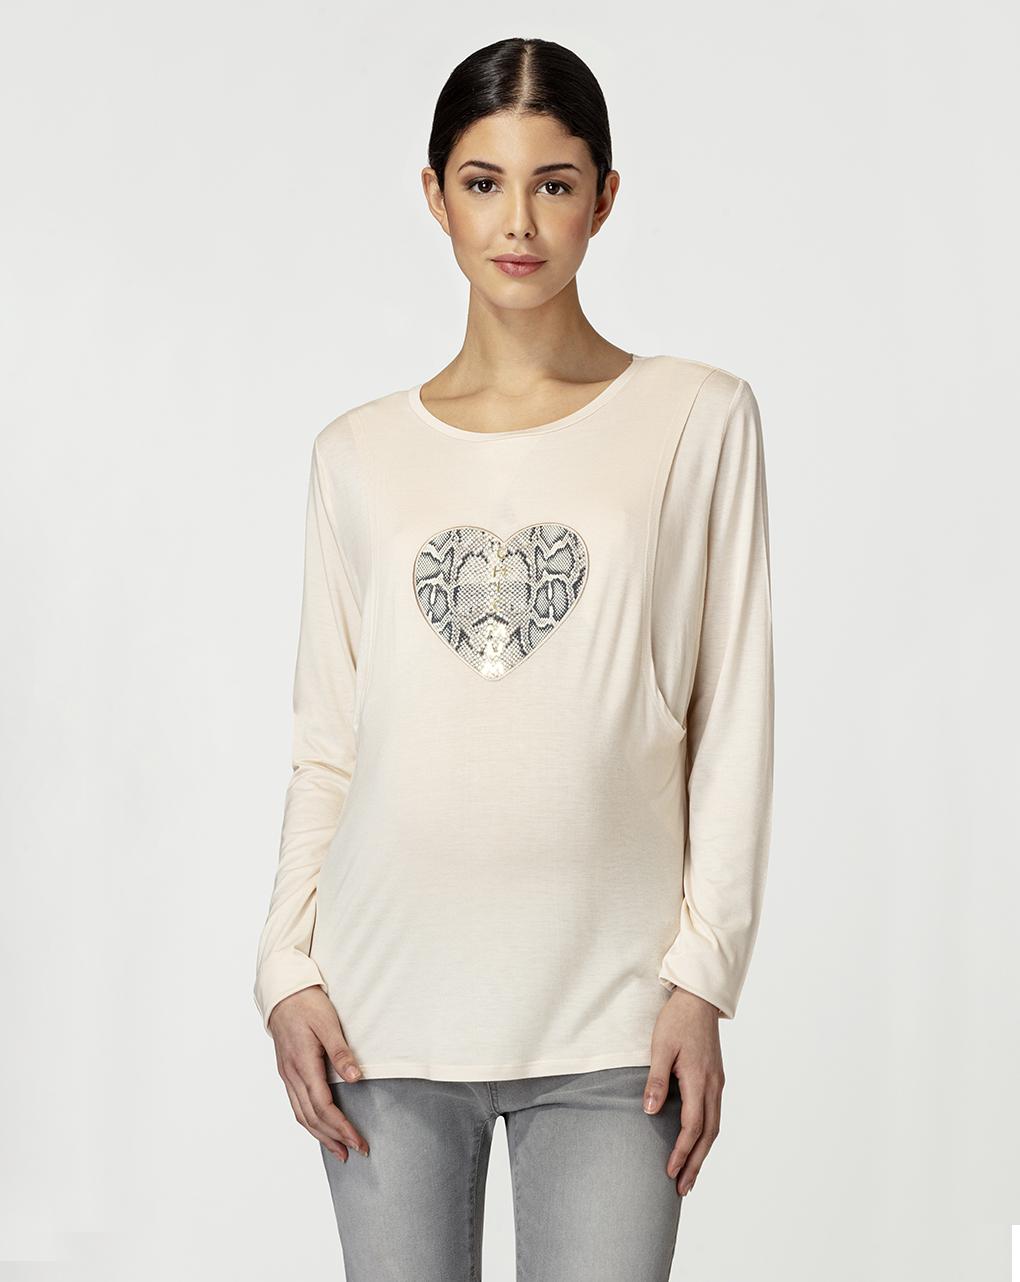 T-shirt allattamento con cuore animalier - Prénatal